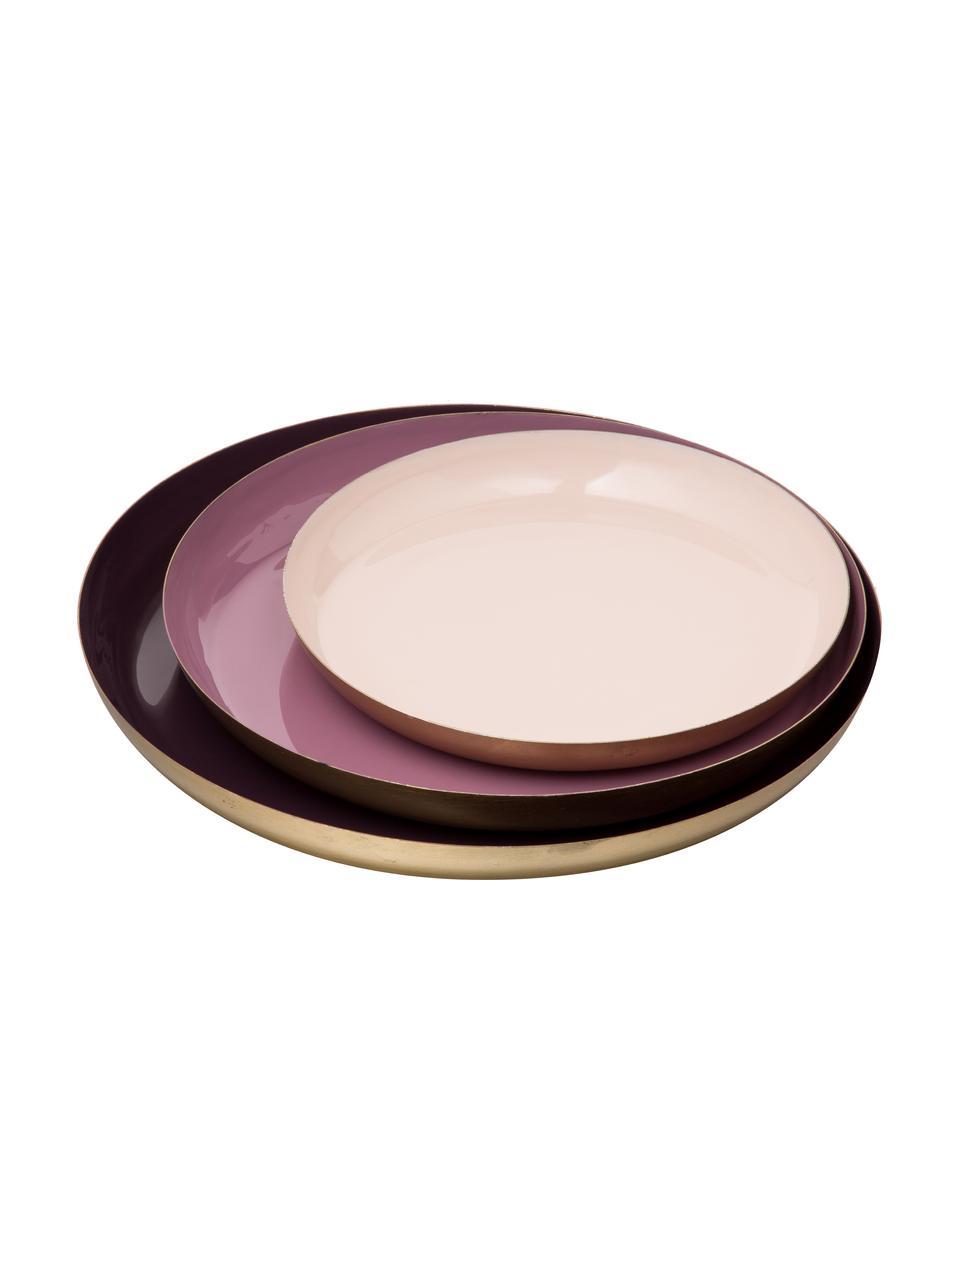 Set 3 vassoi decorativi Minella, Metallo verniciato, Lilla, pink, rosa Bordo: dorato, Set in varie misure